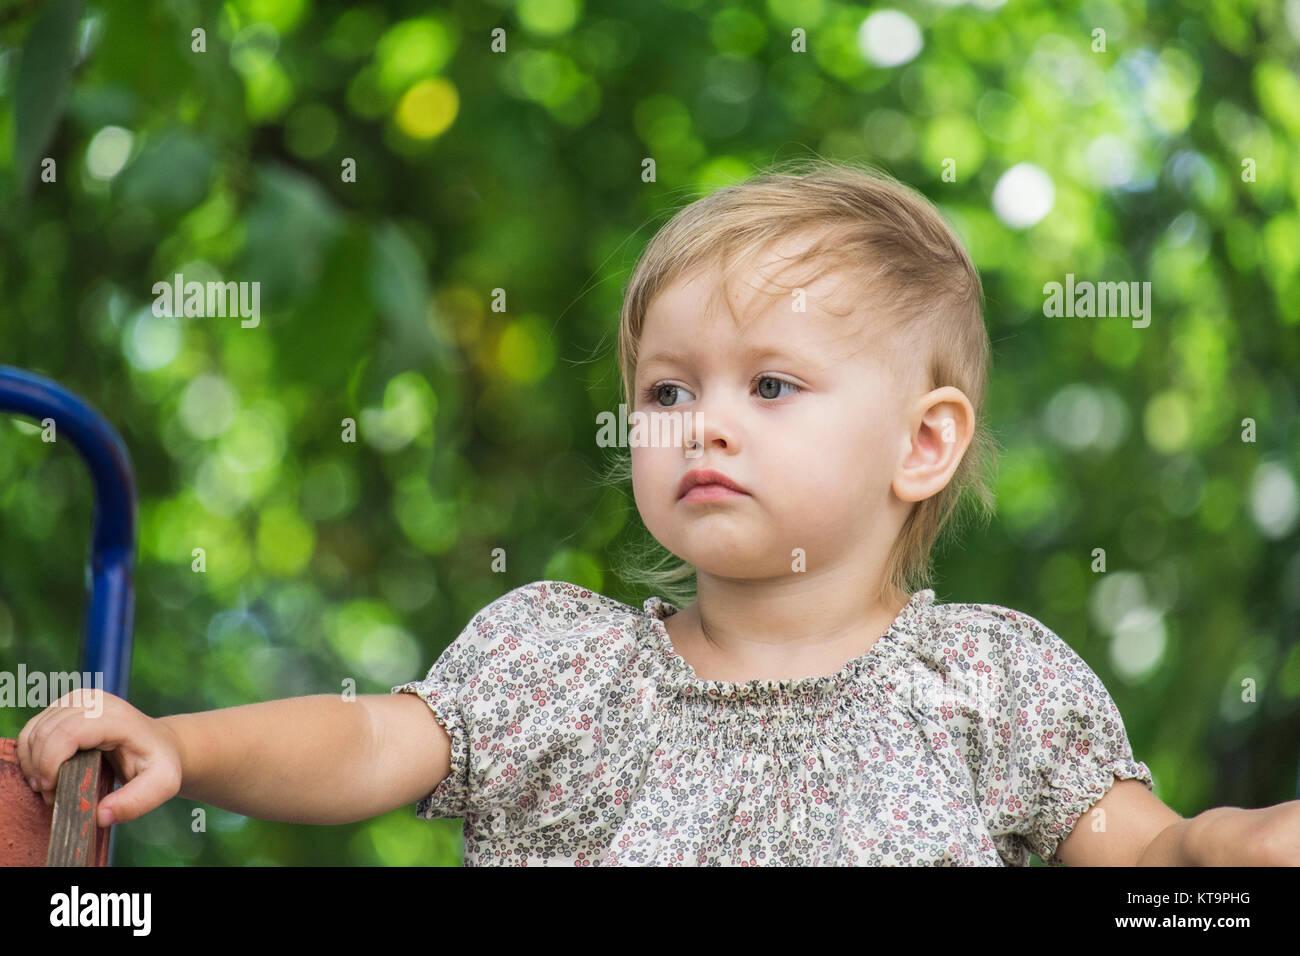 Baby sitzt auf einem Hügel. Hinter dem verschwommenen Hintergrund von grünen Bäumen, Stockbild